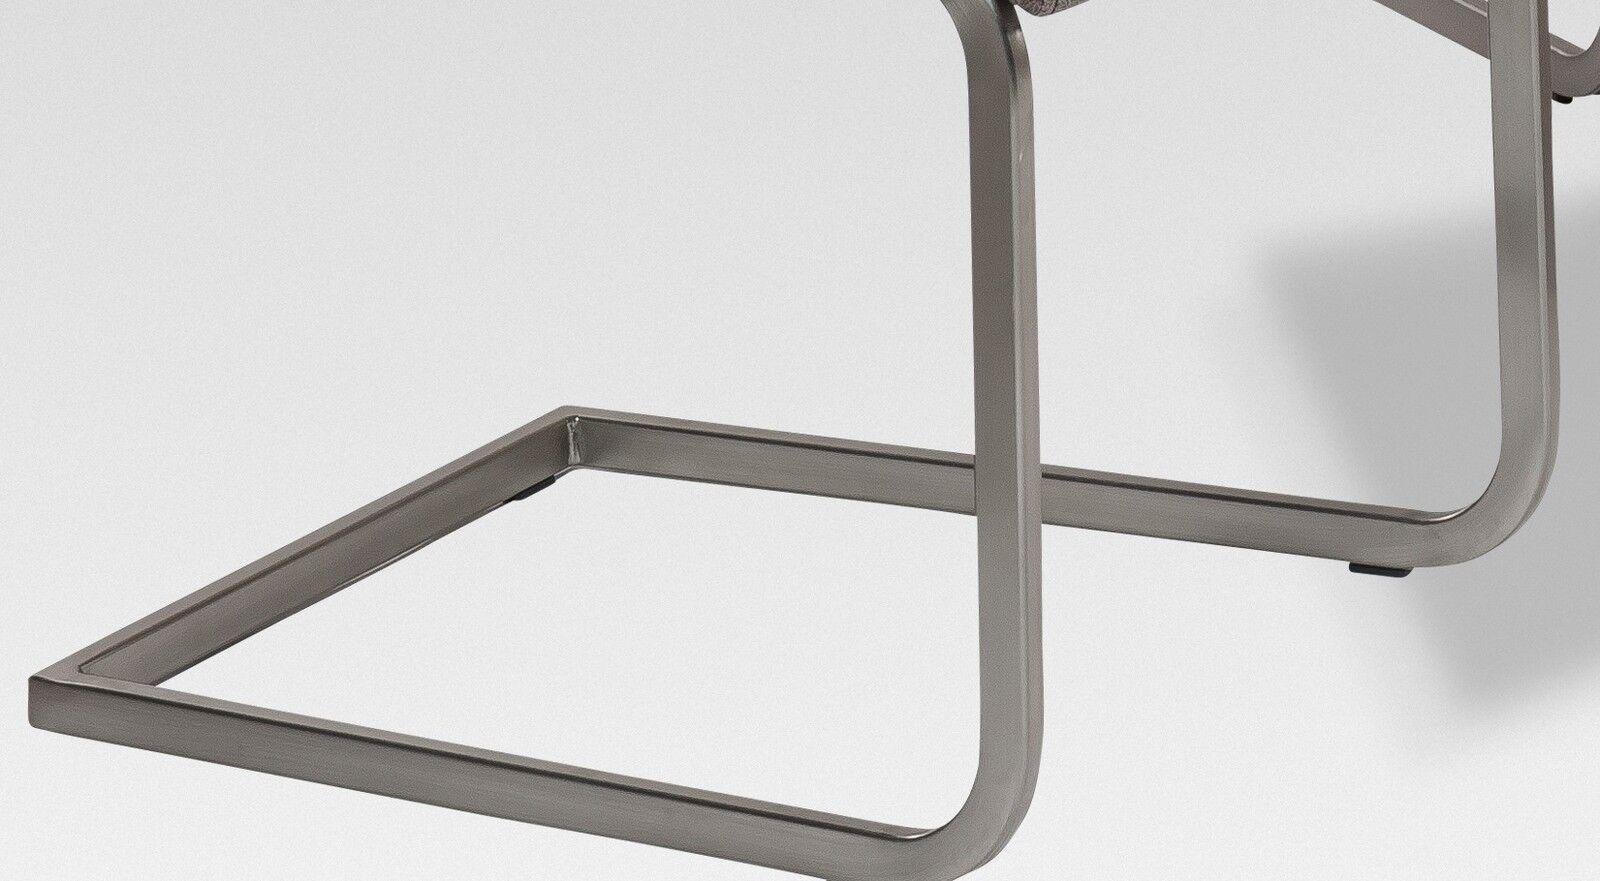 r5189 26 2 freischwinger set stuhl schwingstuhl stoff. Black Bedroom Furniture Sets. Home Design Ideas